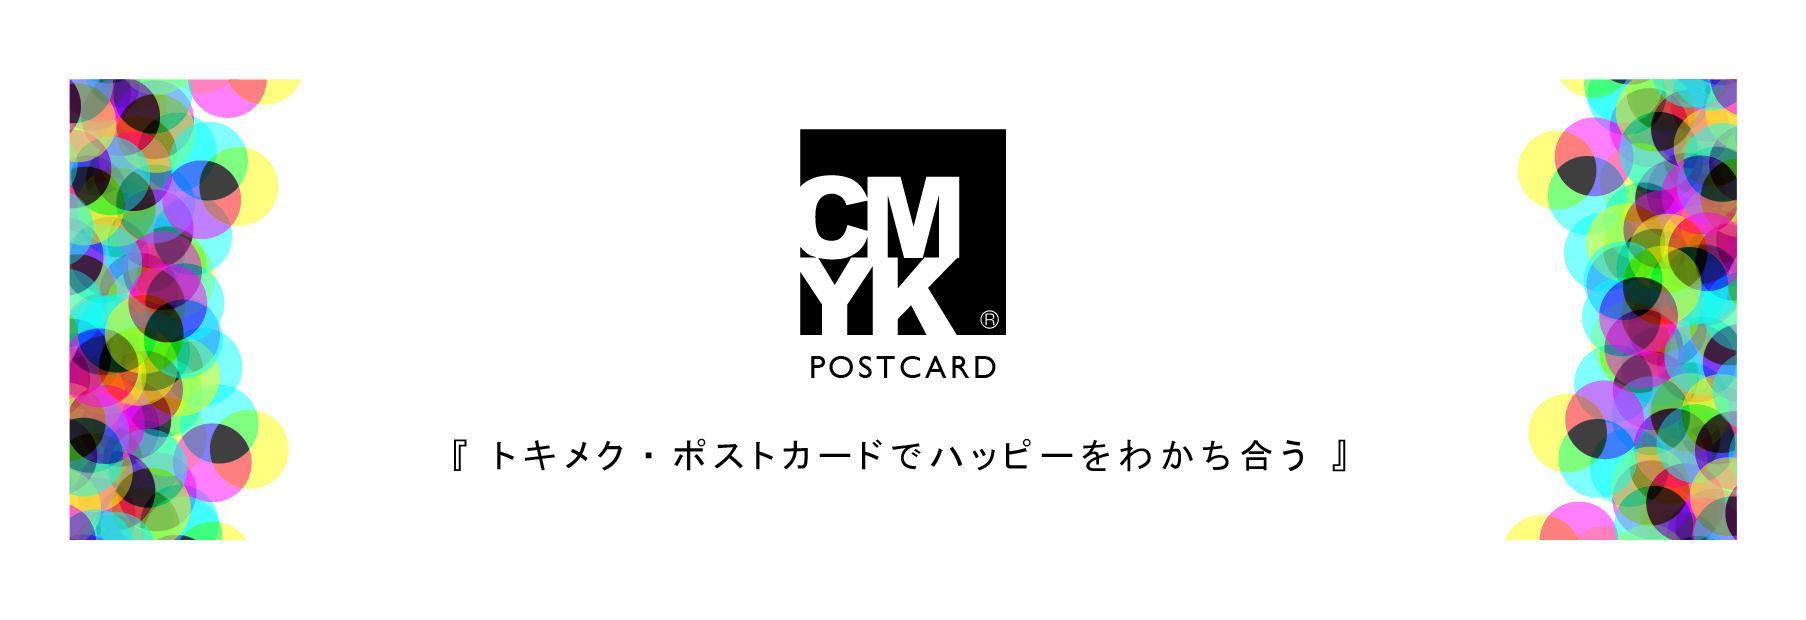 CMYKブランド ポストカード